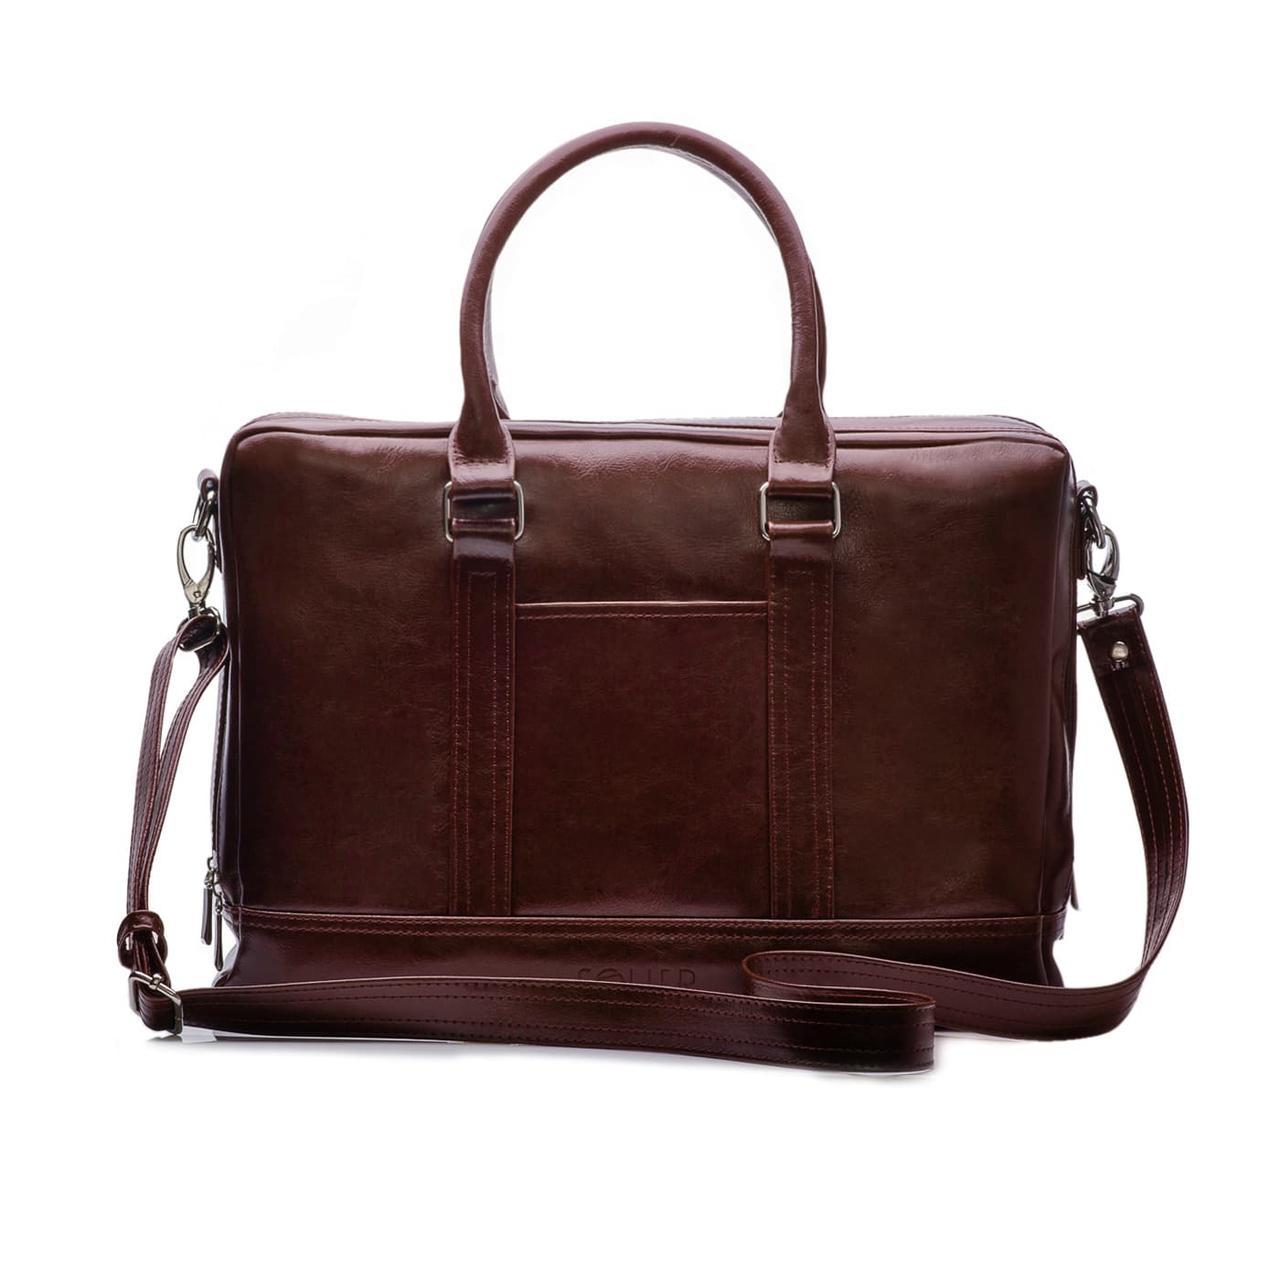 Кожаная деловая сумка для переноса документов и ноутбука